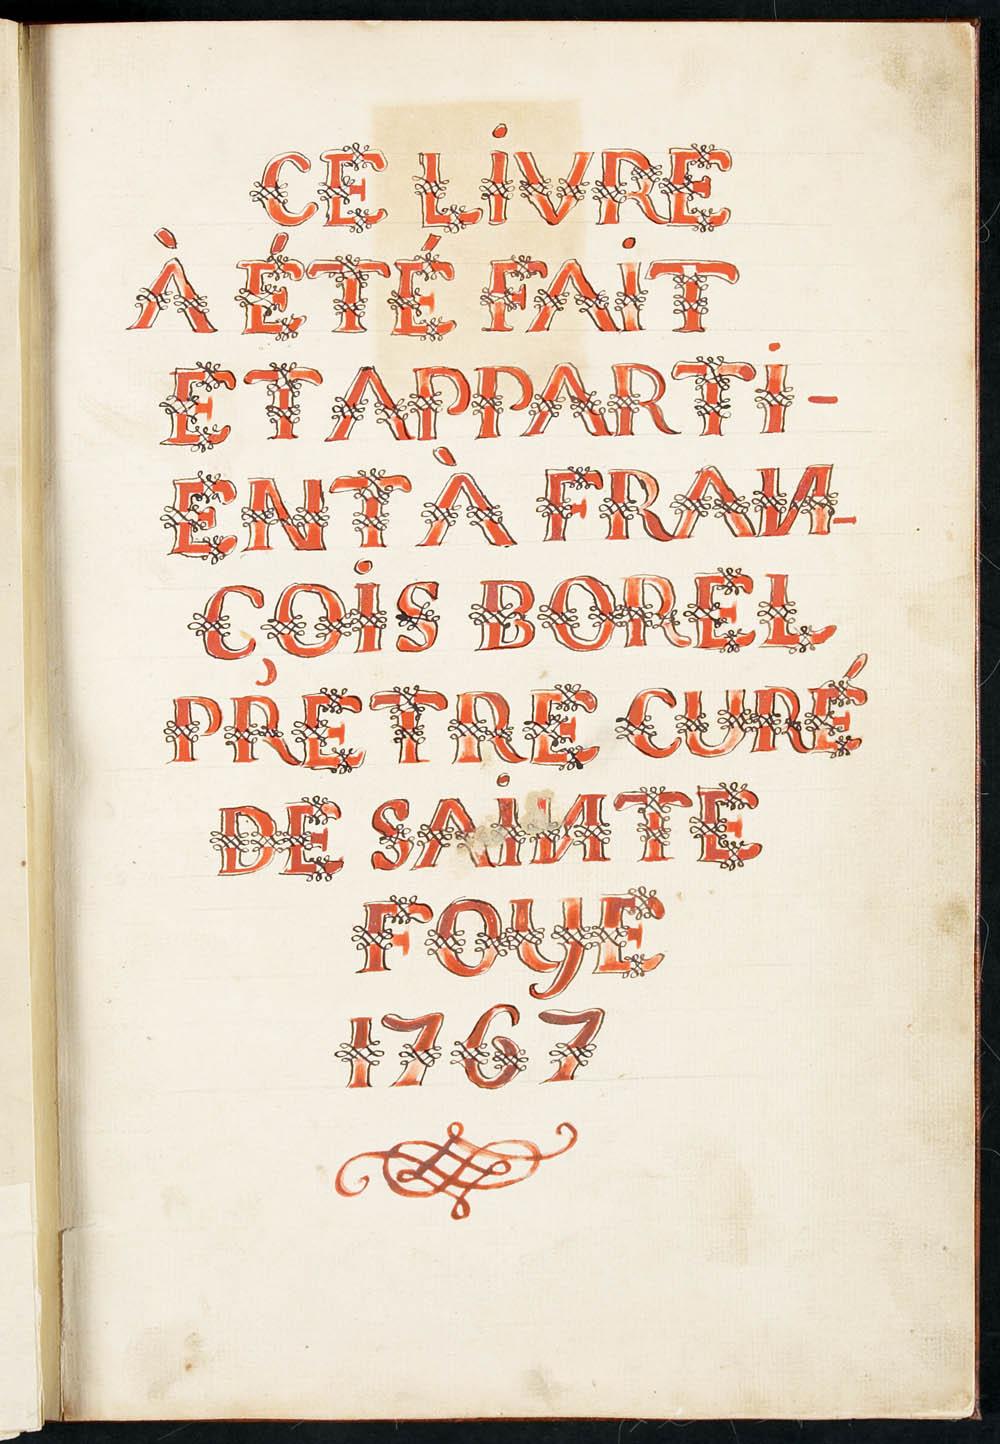 Livre de chants grégoriens, par François-Xavier Borel, 1767. CA ANC MG18-E21